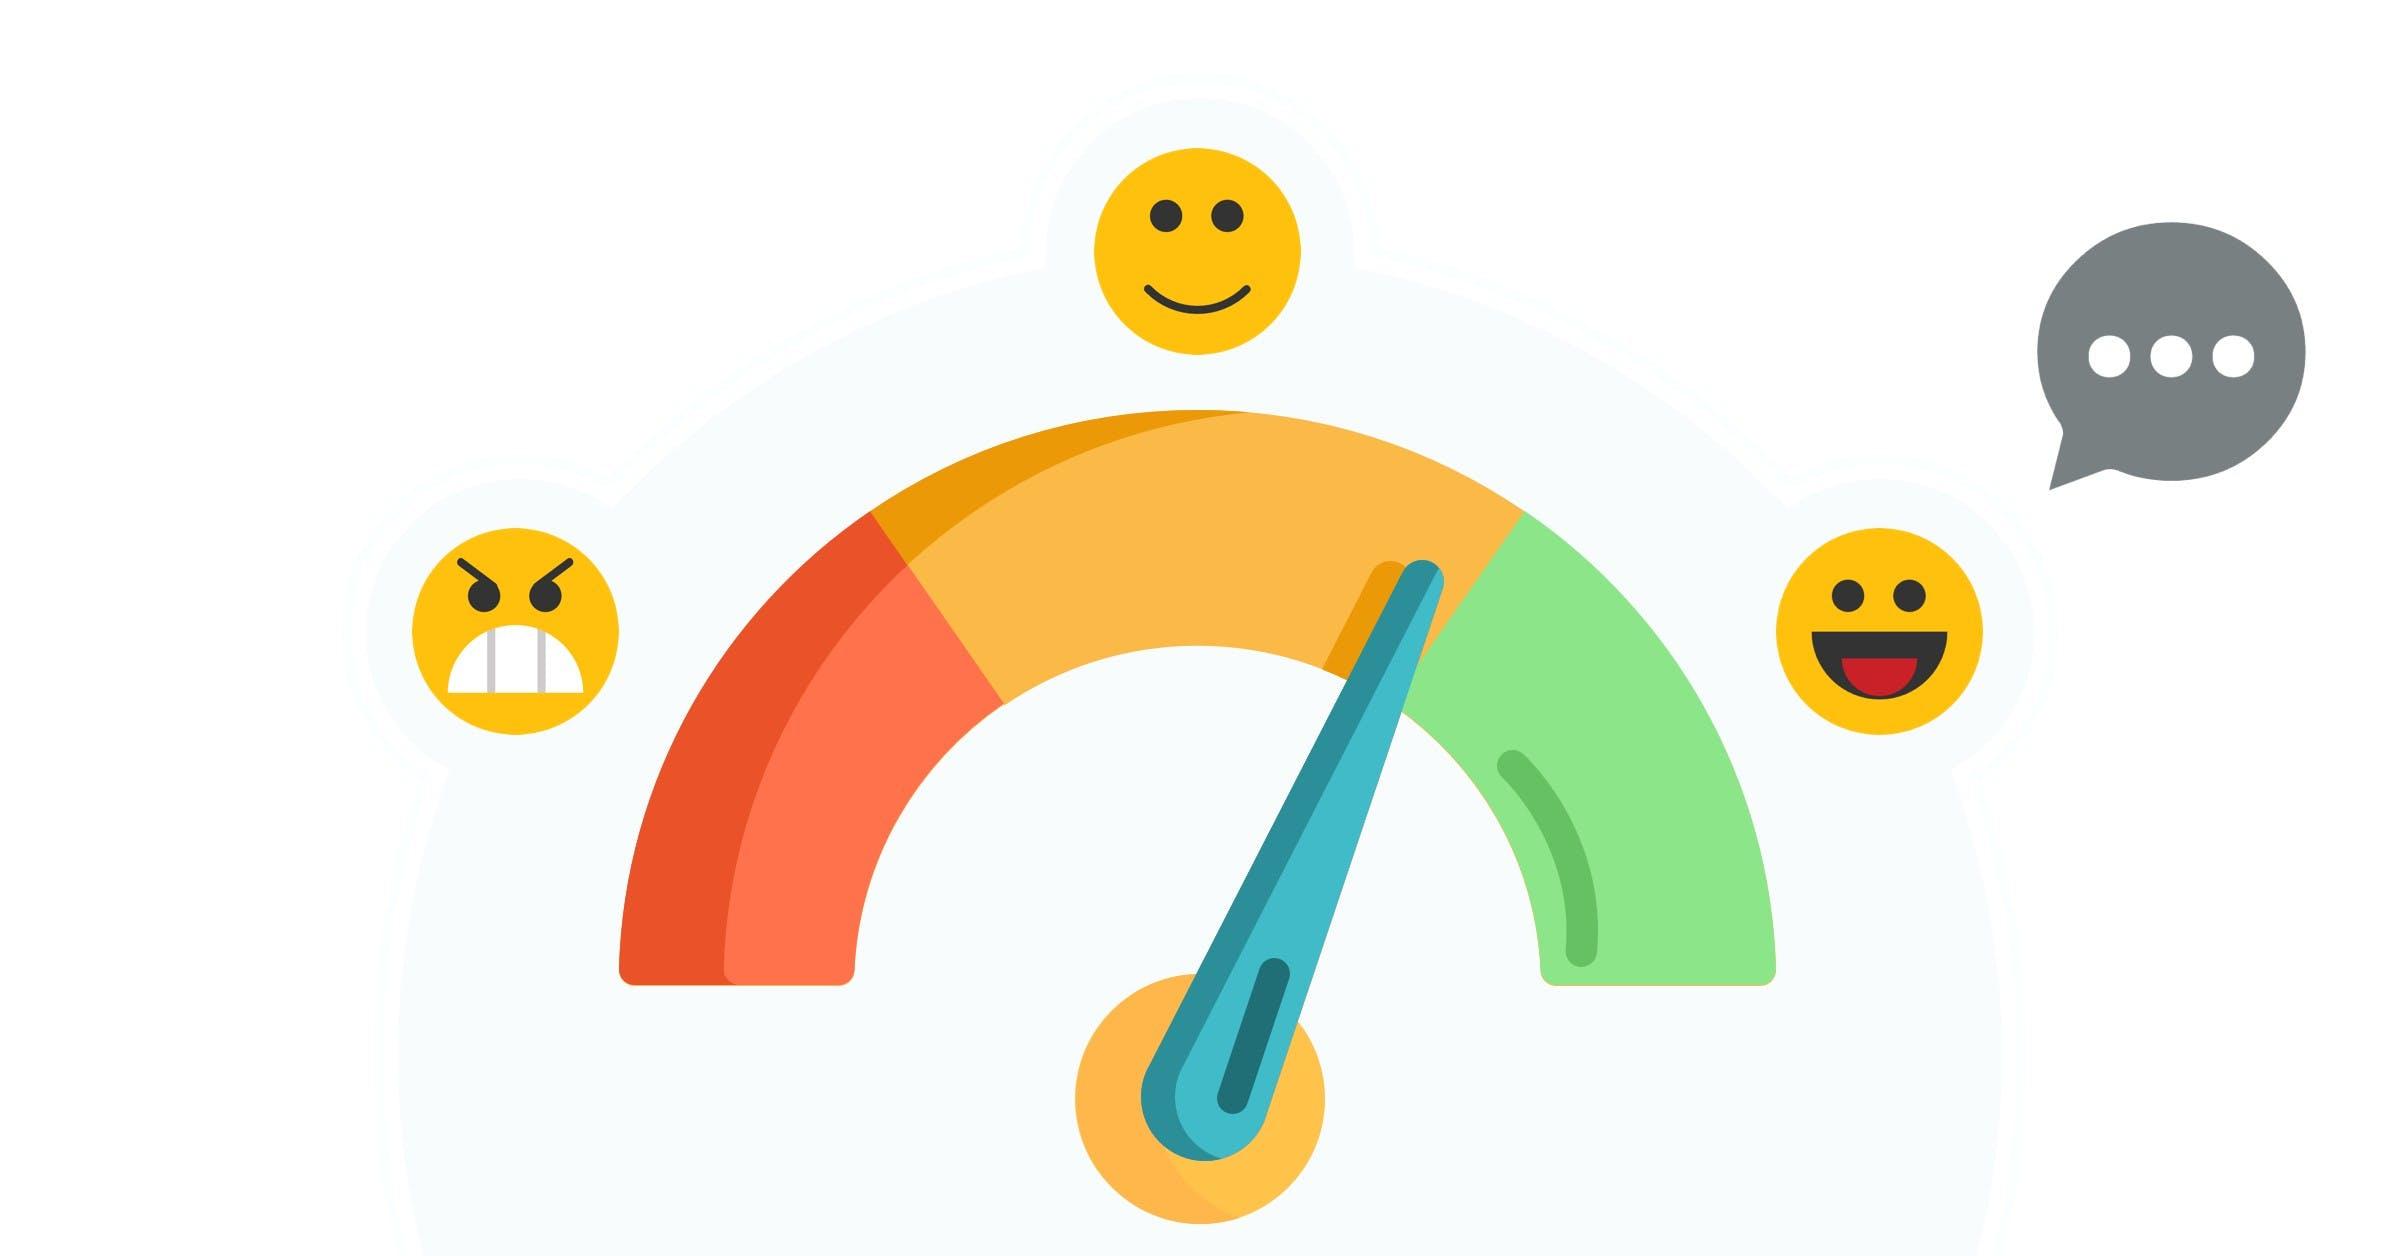 angry emoji, smile emoji, excited emoji, mood meter with red, orange and green colors